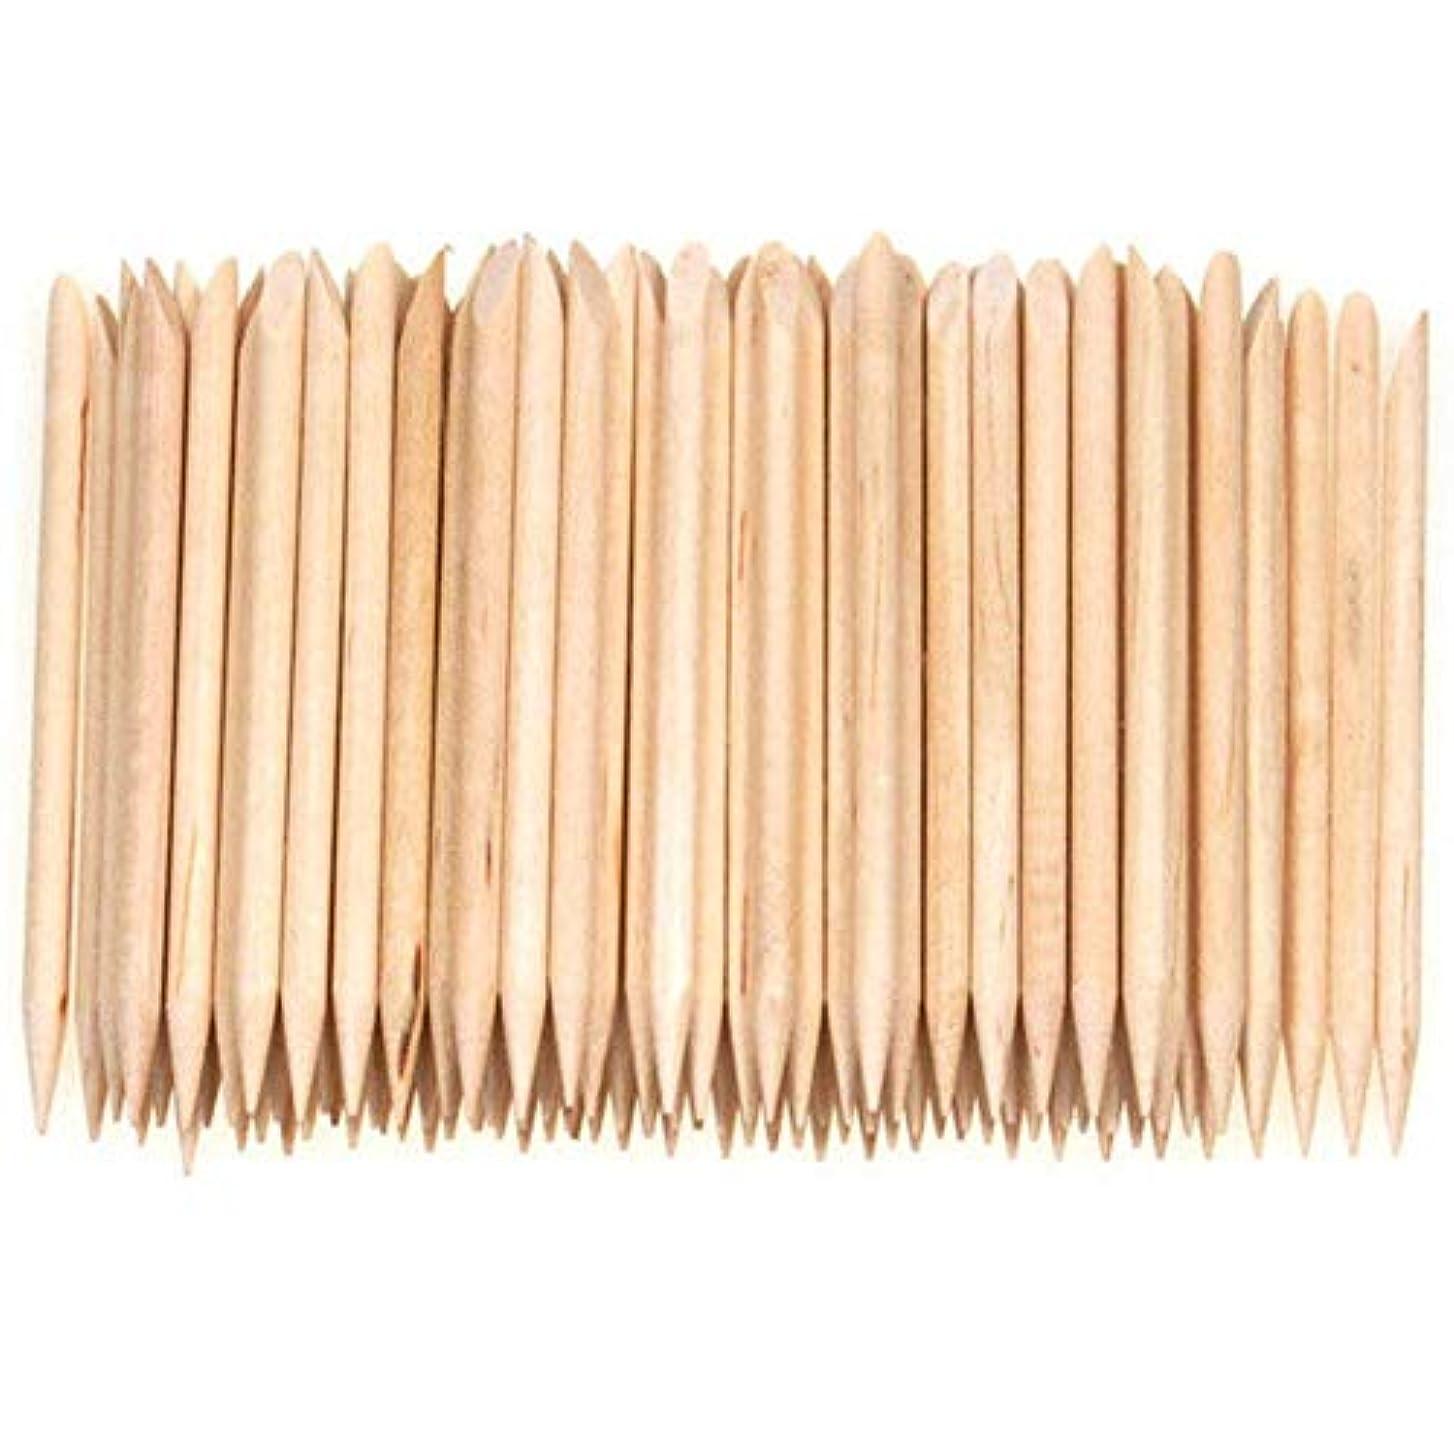 中世のる選択Gaoominy 100個ネイルアートデザイン木製の棒キューティクルプッシャーリムーバーマニキュアケア